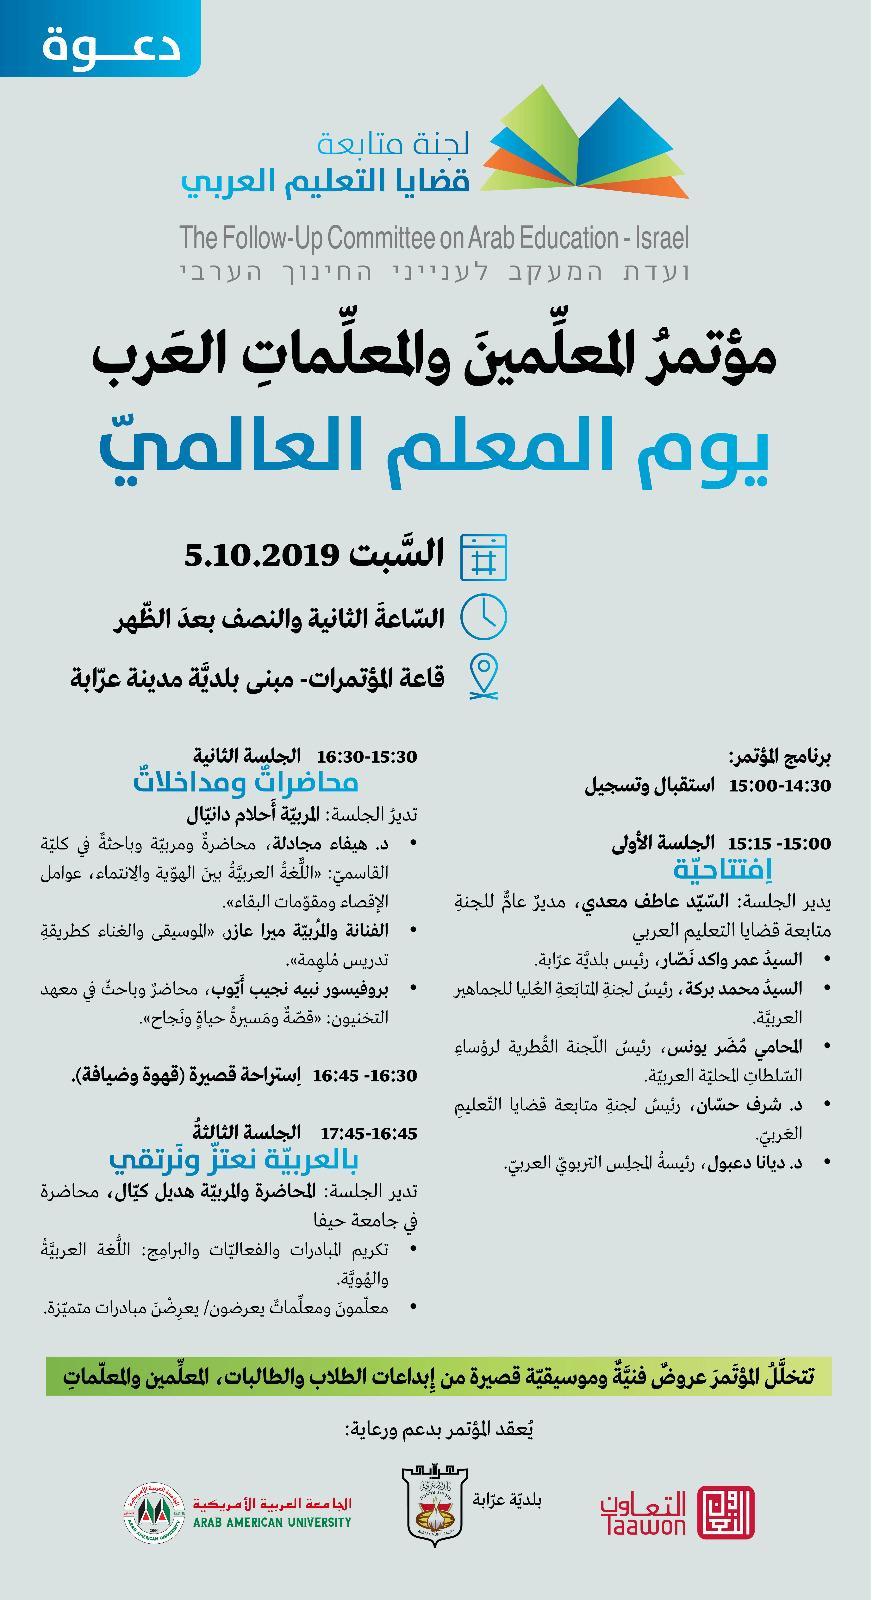 لجنة متابعة قضايا التعليم تستعد لمؤتمر المعلمين والمعلمات العرب